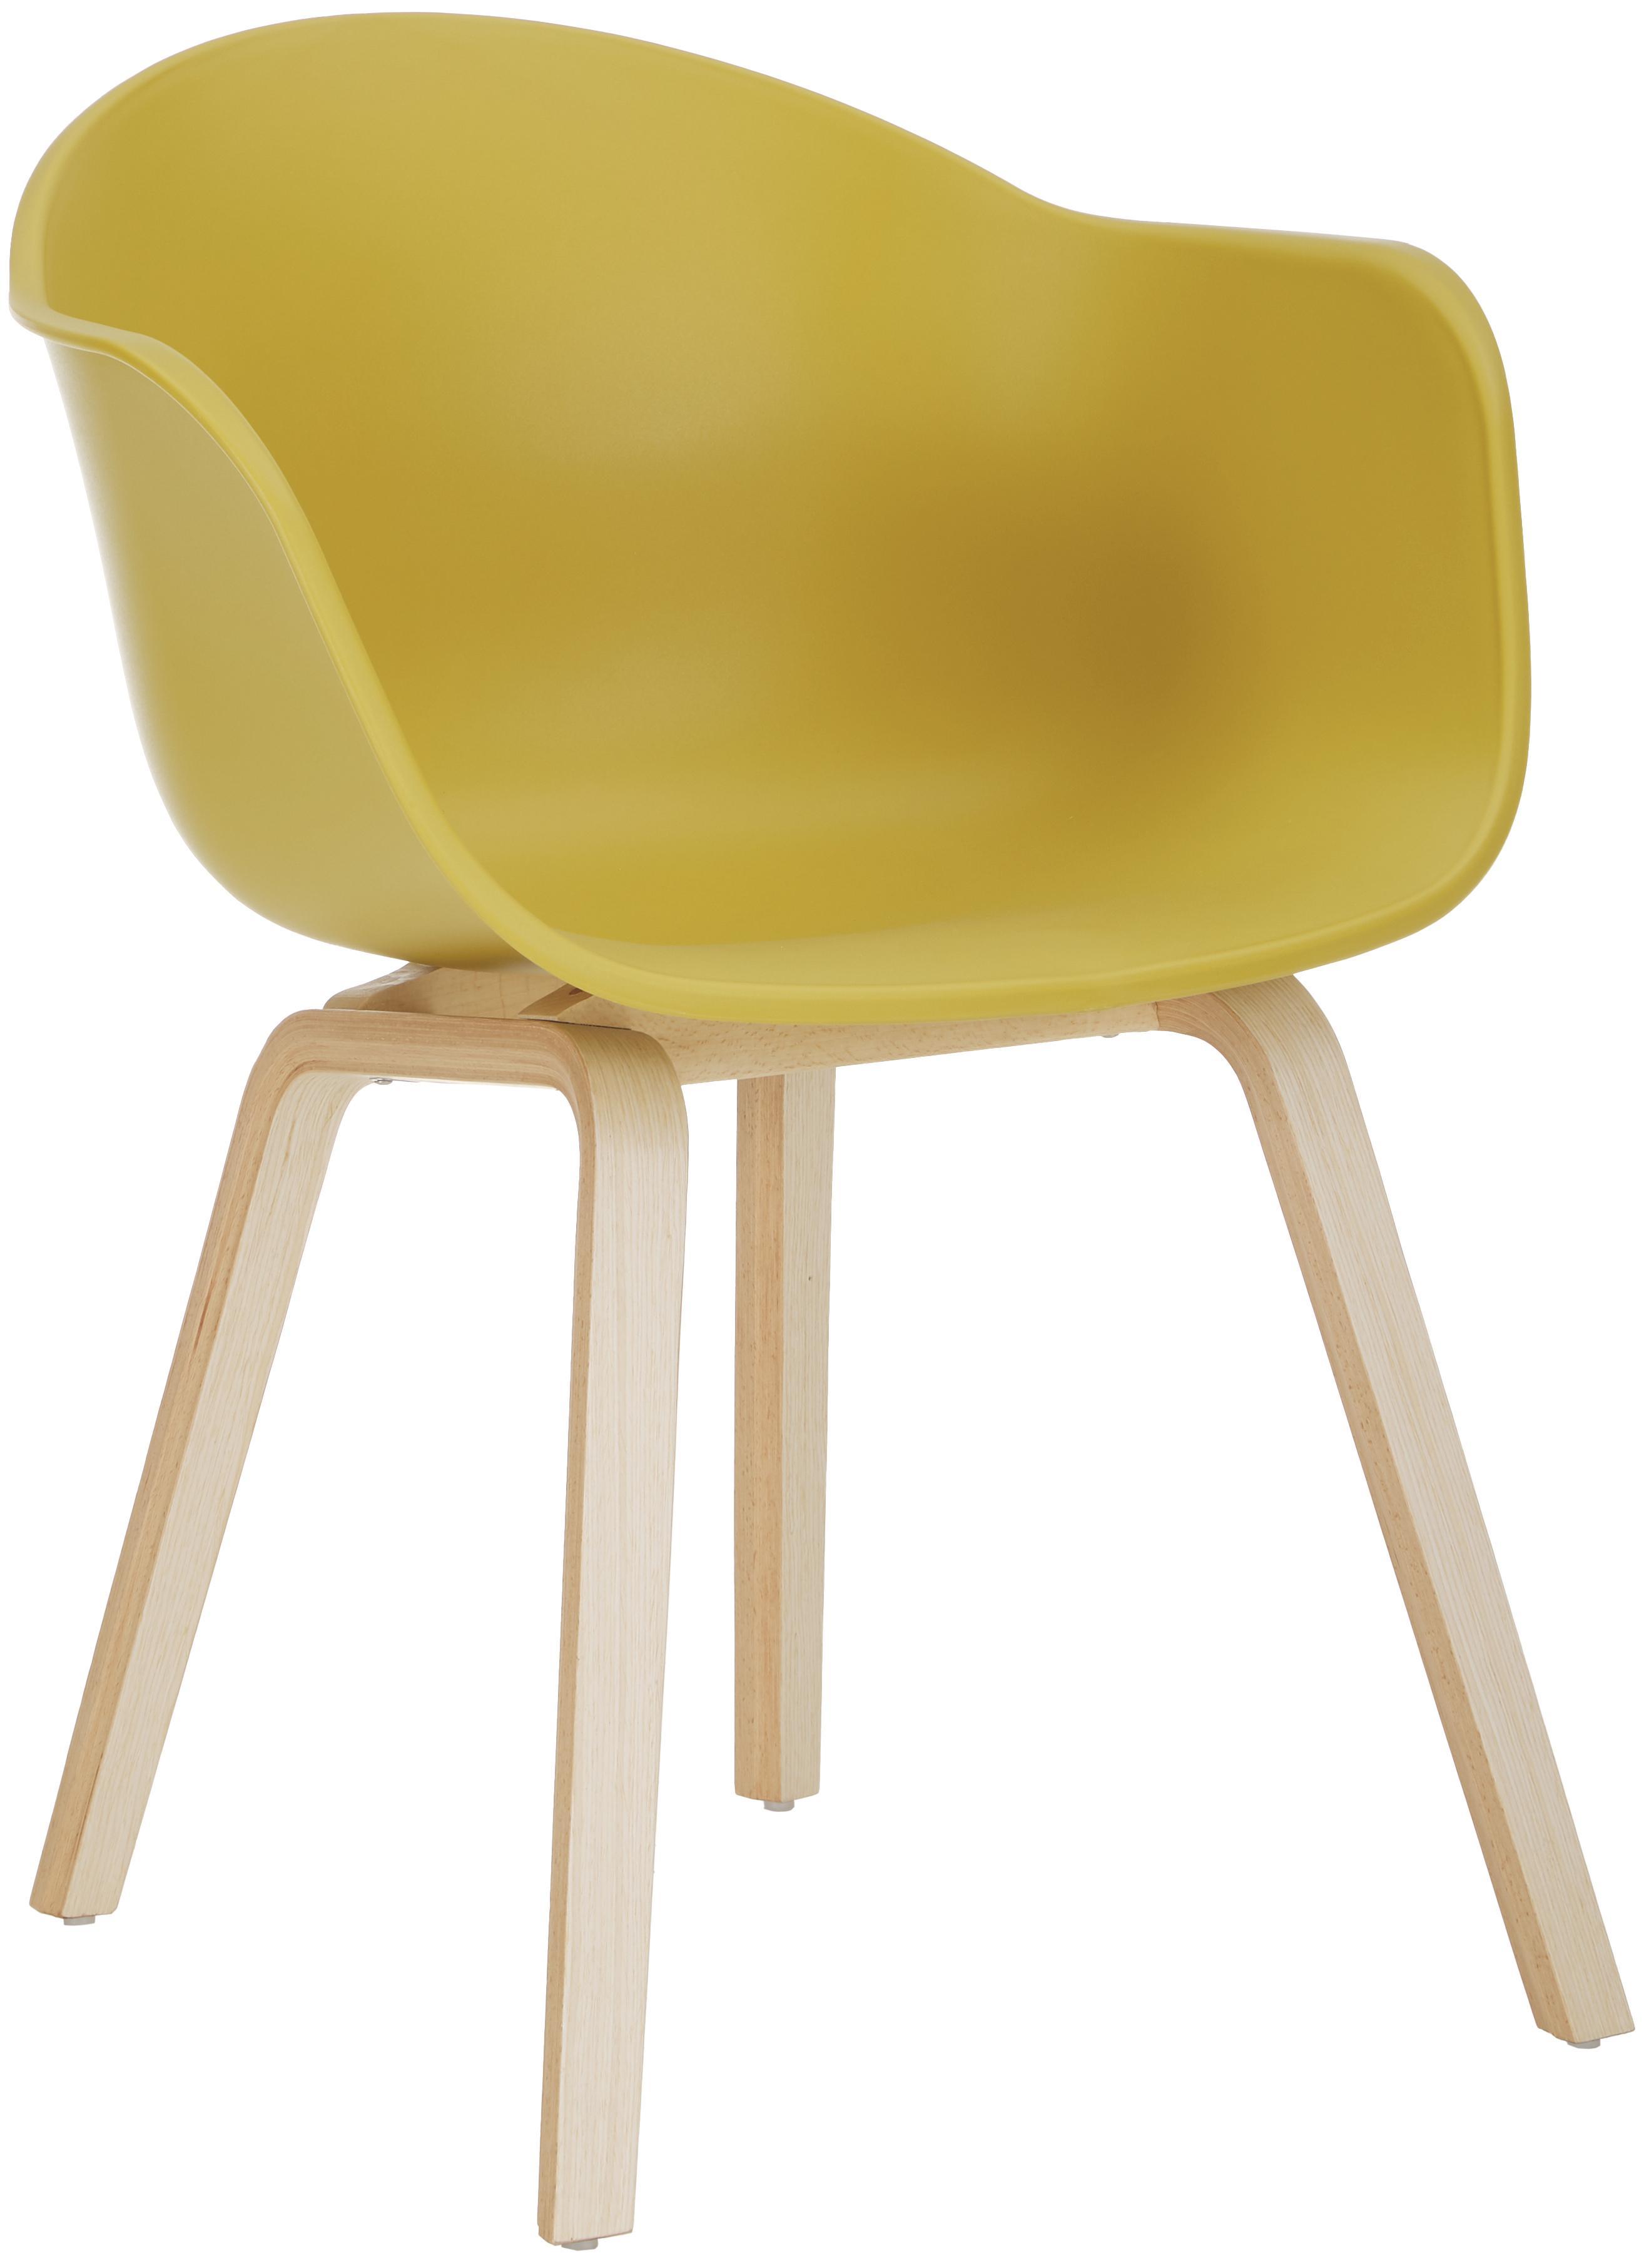 Silla de plático con reposabrazos Claire, Asiento: plástico, Patas: madera de haya, Asiento: amarillo Patas: madera de haya, An 54 x F 60 cm